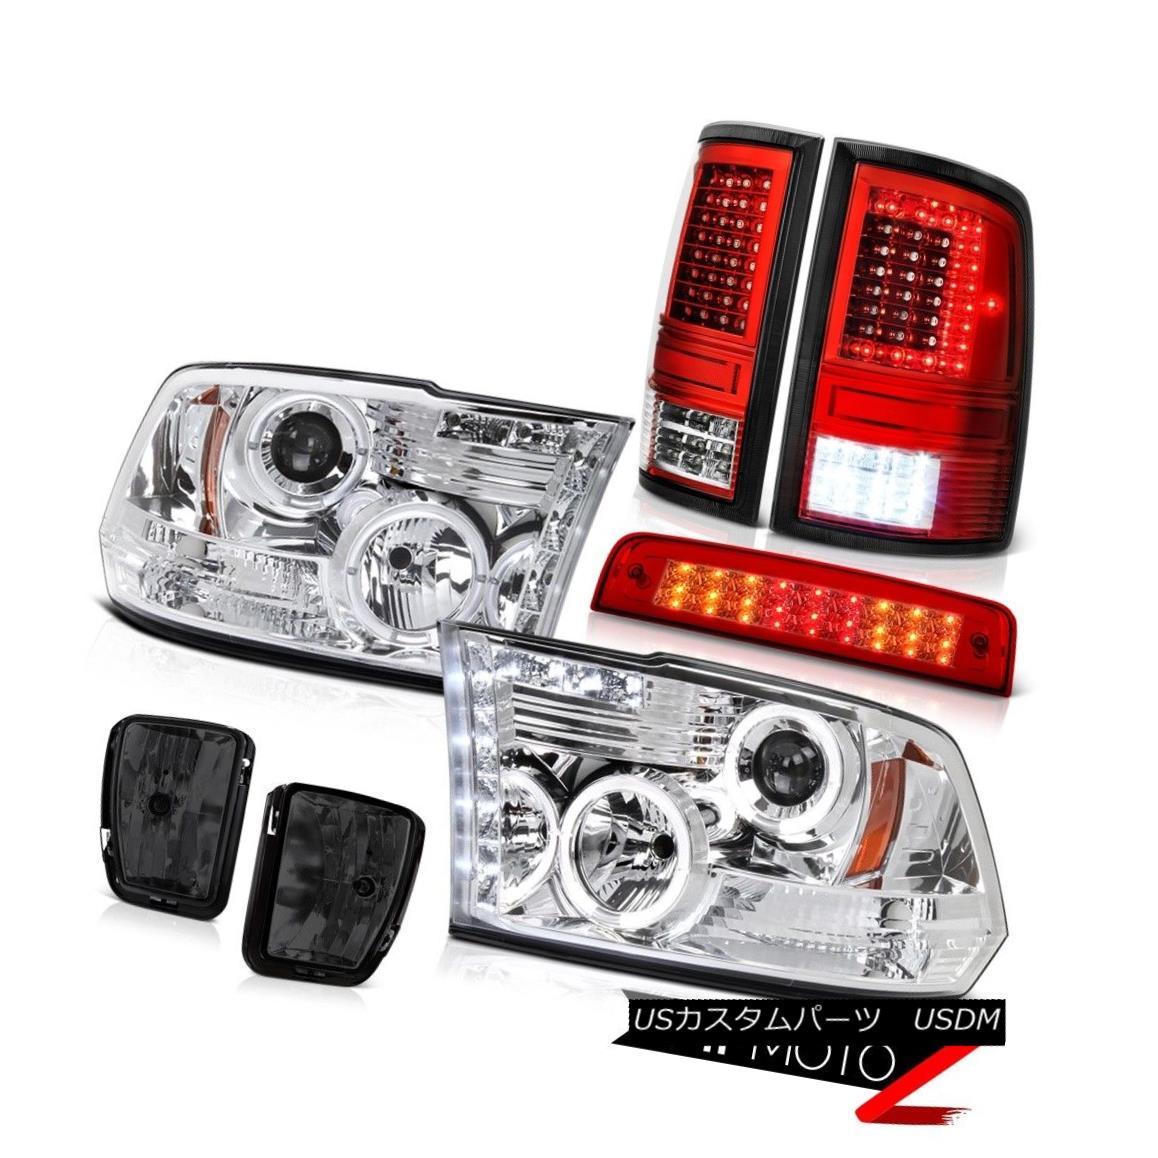 テールライト 2013-2018 RAM 1500 Tail Lamp Brake Light Dark Smoke Fog Chrome Head Lamp PAIR 2013-2018 RAM 1500テールランプブレーキライトダークスモークフォグクロームヘッドランプペア